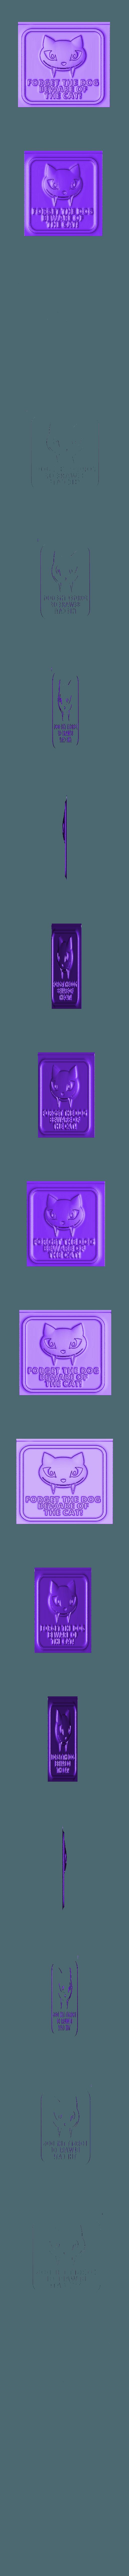 Cat.stl Download free STL file Beware of the cat • 3D print model, Account-Closed